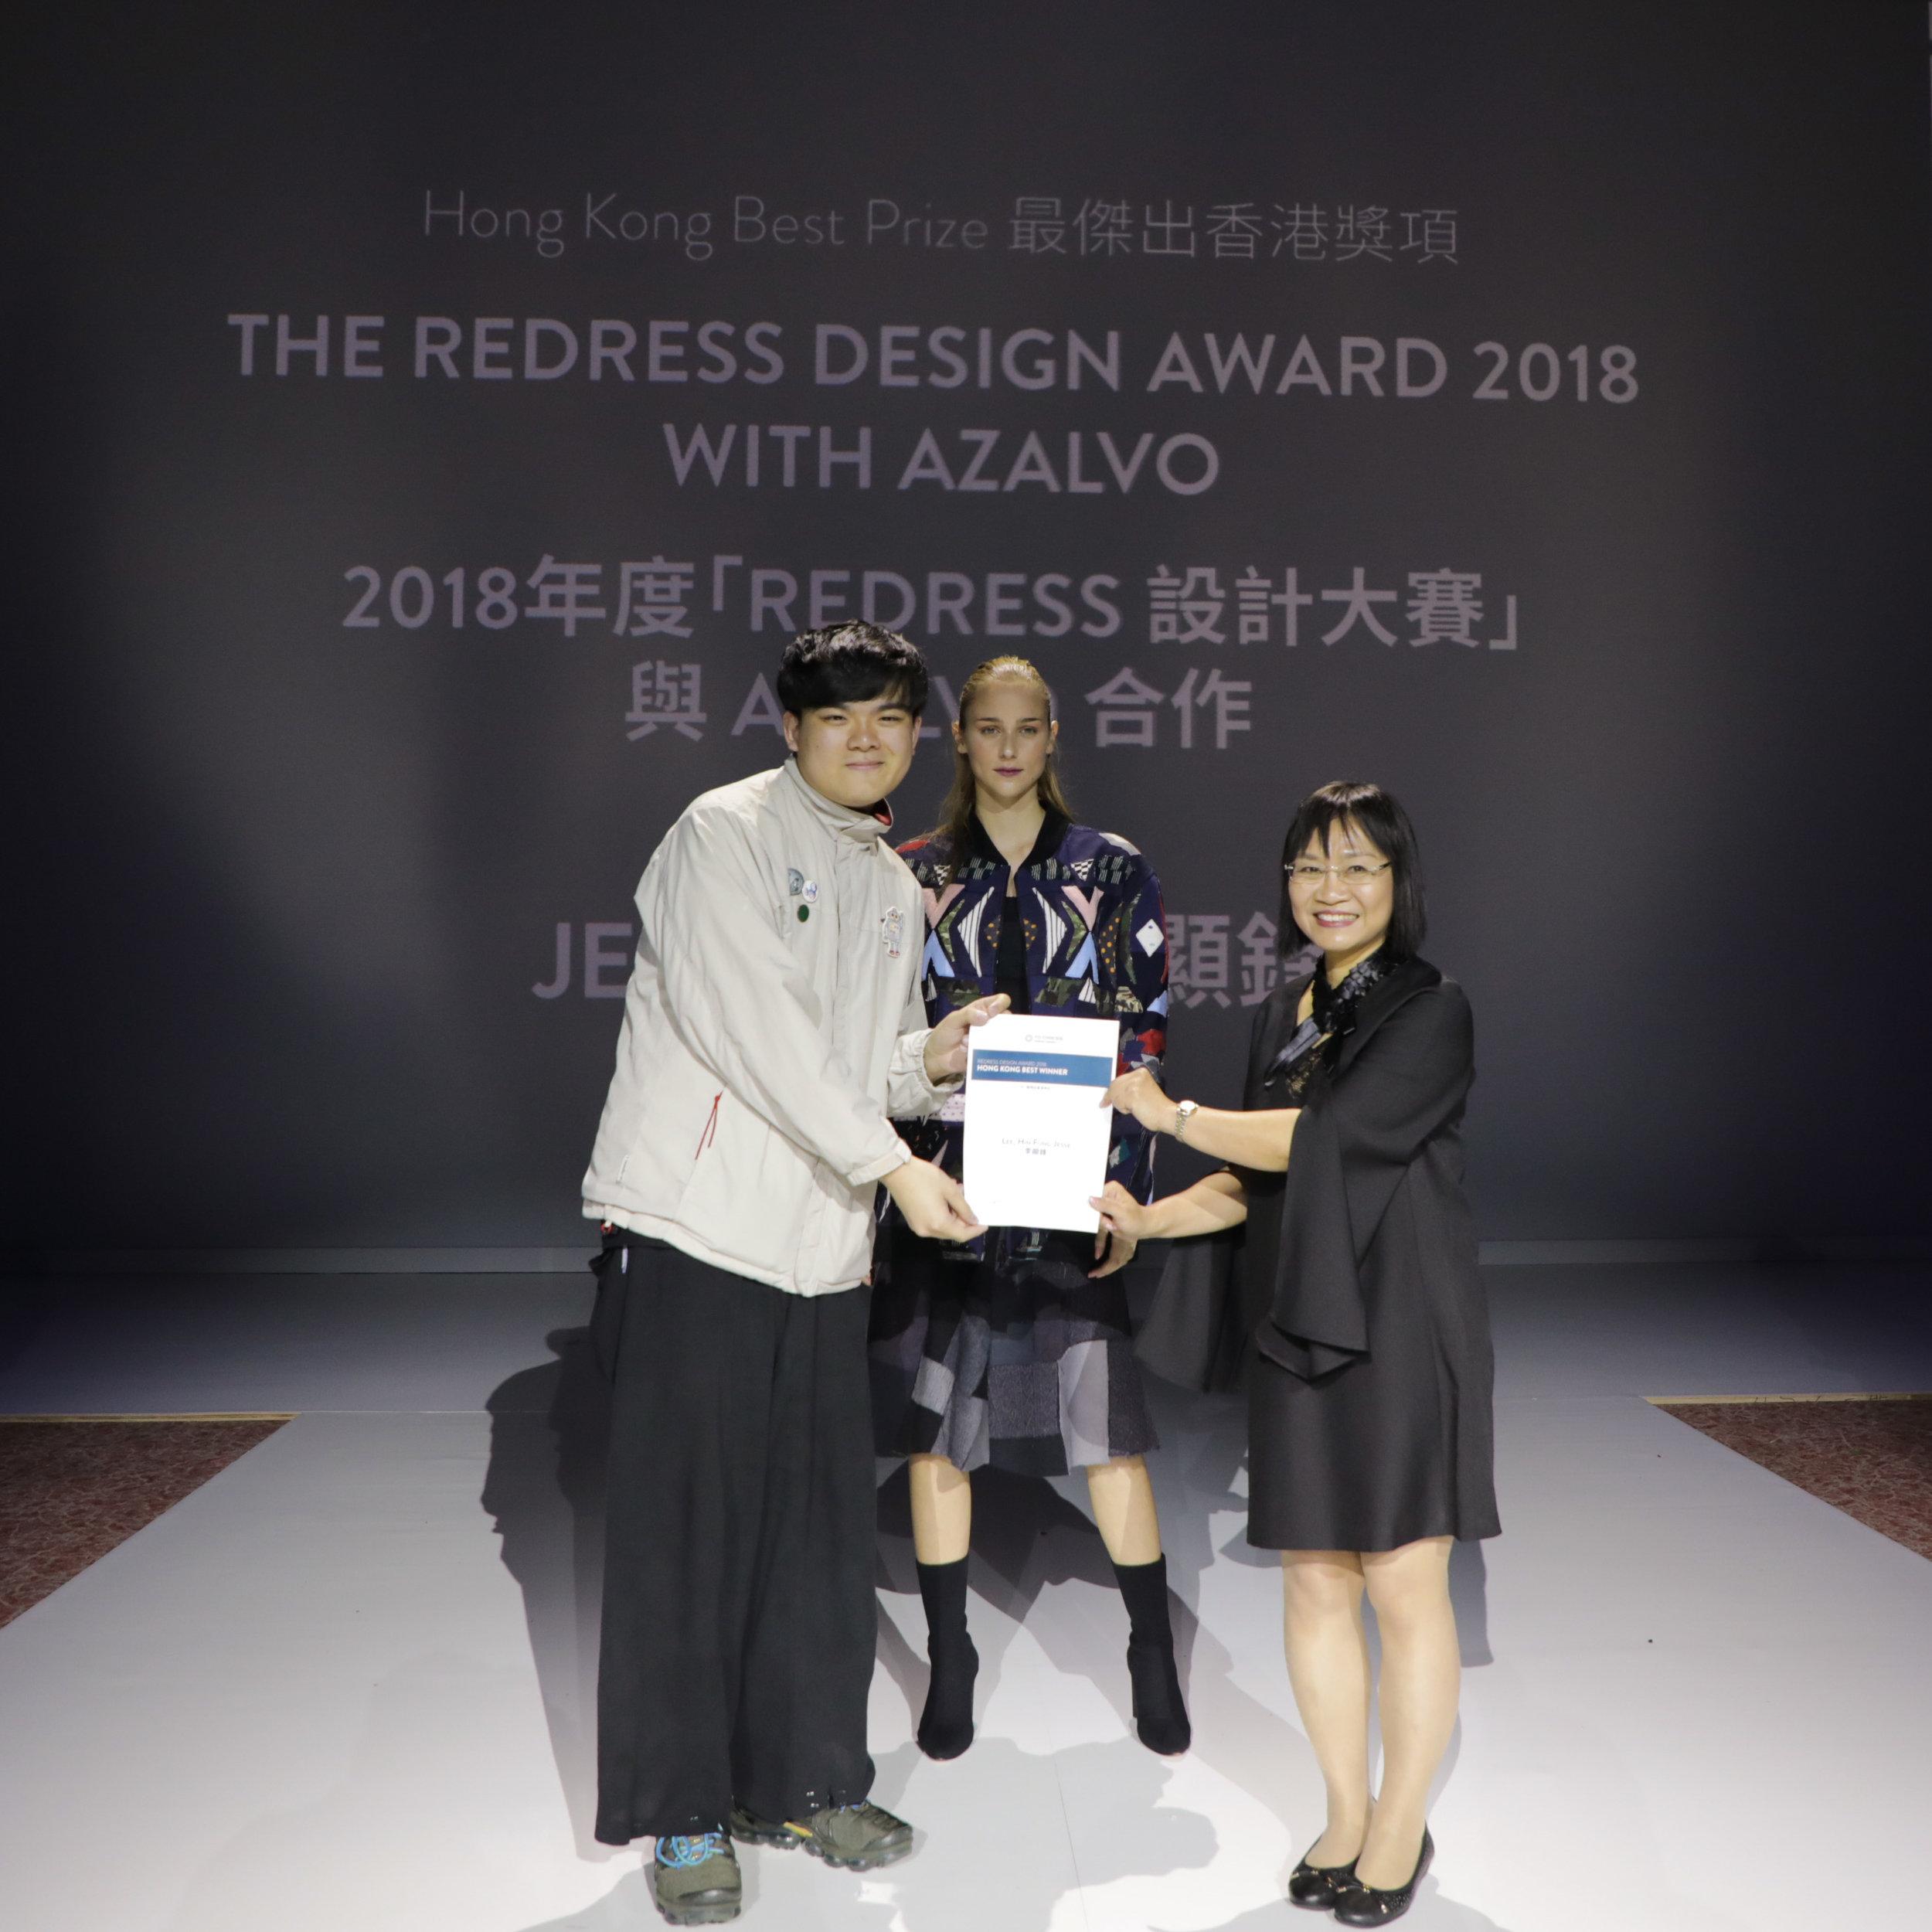 Hong Kong Best Prize: The Redress Design Award 2018 with azalvo   Jesse Lee, Hong Kong